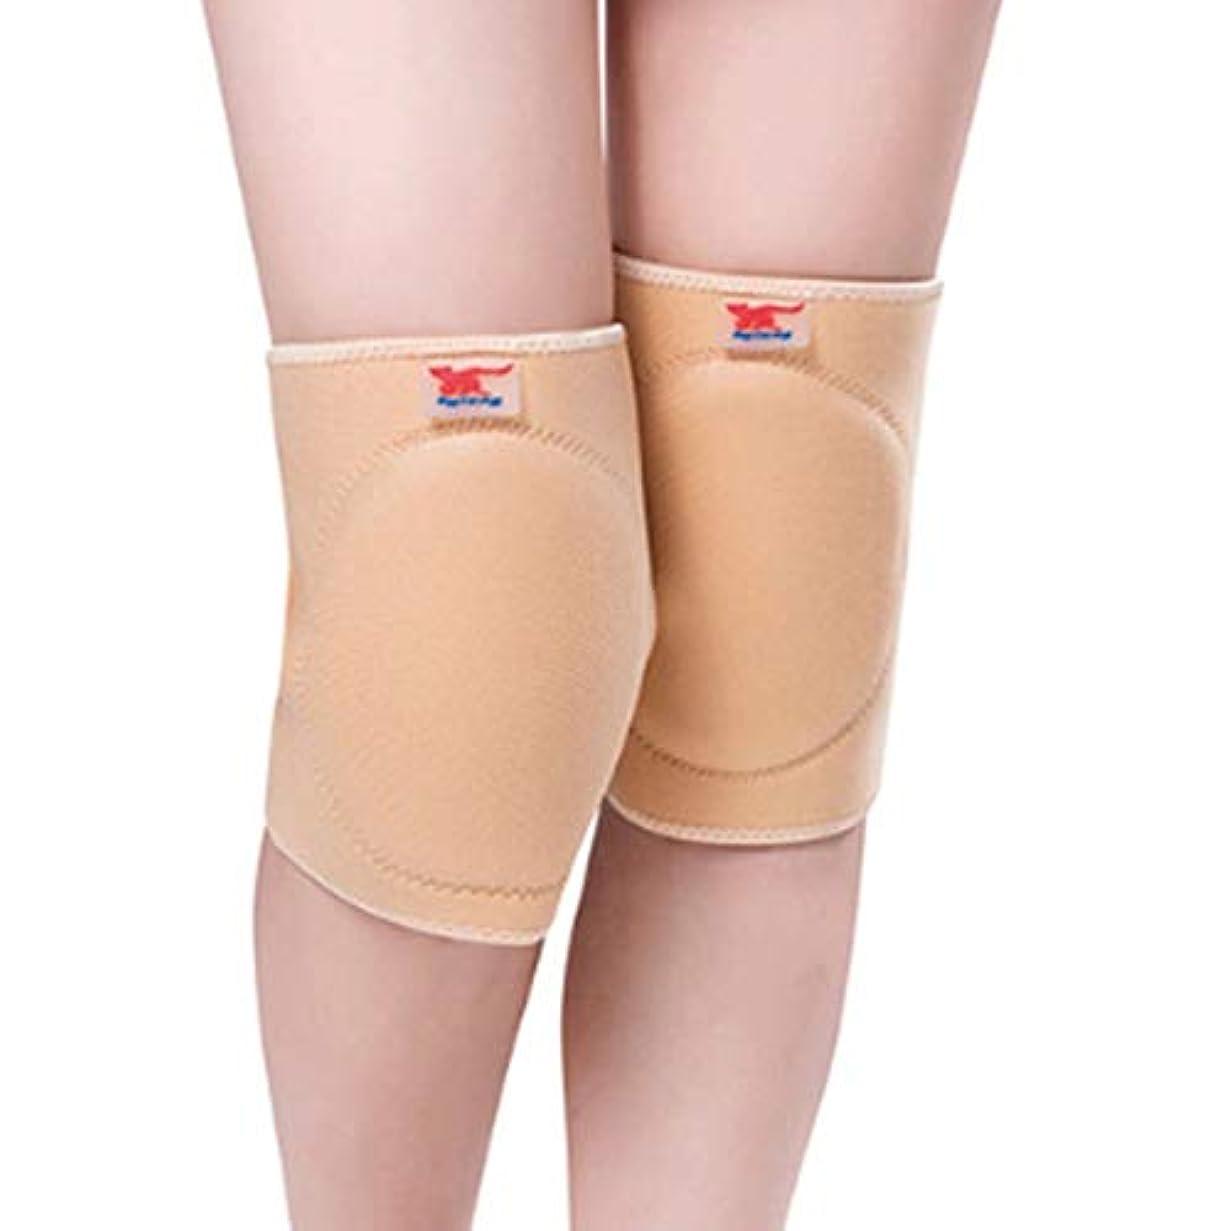 文明化する支給かすかな反膝パッドウール防止関節炎保温暖かい膝サポート通気性肥厚膝パッド安全膝ブレース